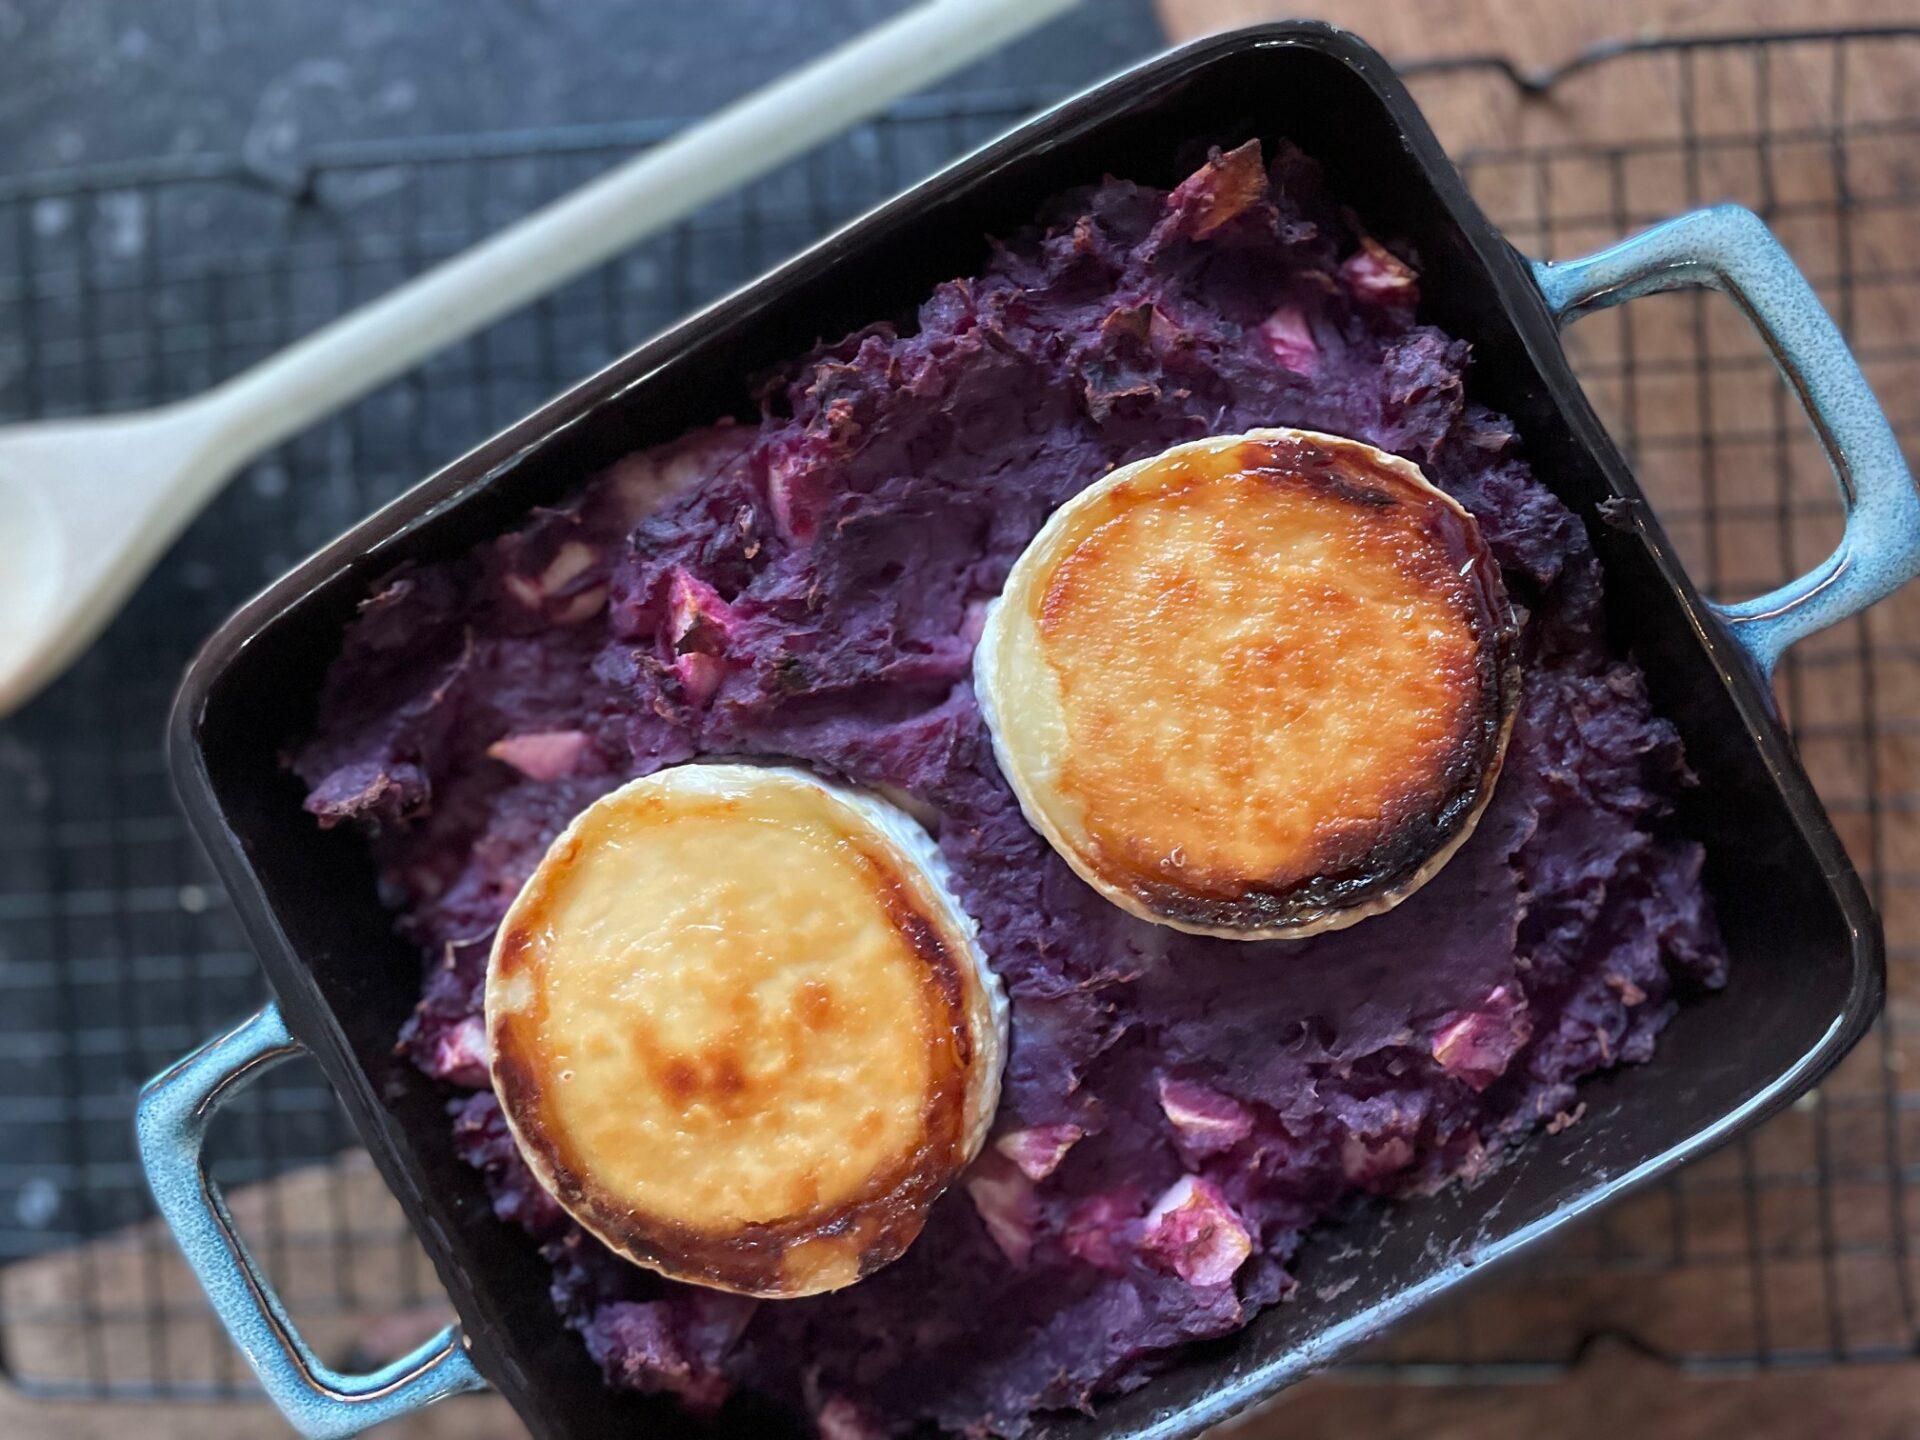 Rode kool stamppot ovenschotel met geitenkaas en appel - Foodblog Foodinista